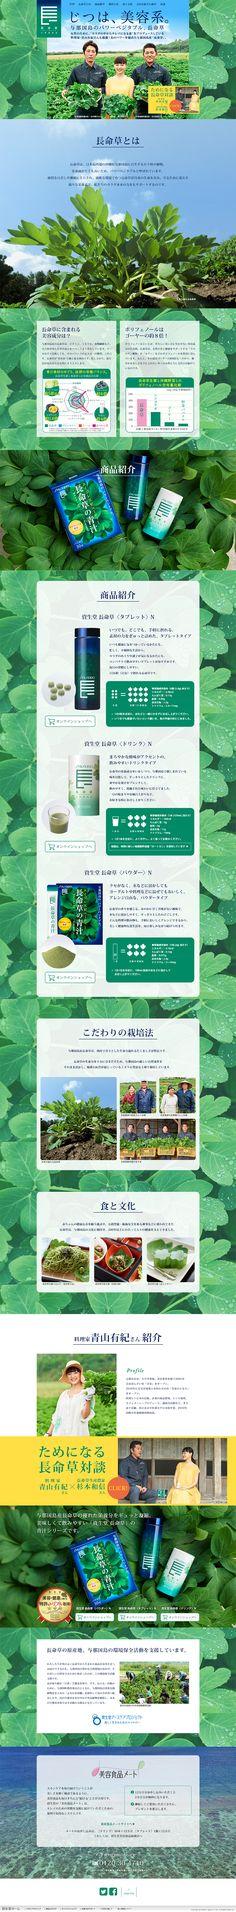 長命草(ボタンボウフウ)【健康・美容食品関連】のLPデザイン。WEBデザイナーさん必見!ランディングページのデザイン参考に(信頼・安心系)